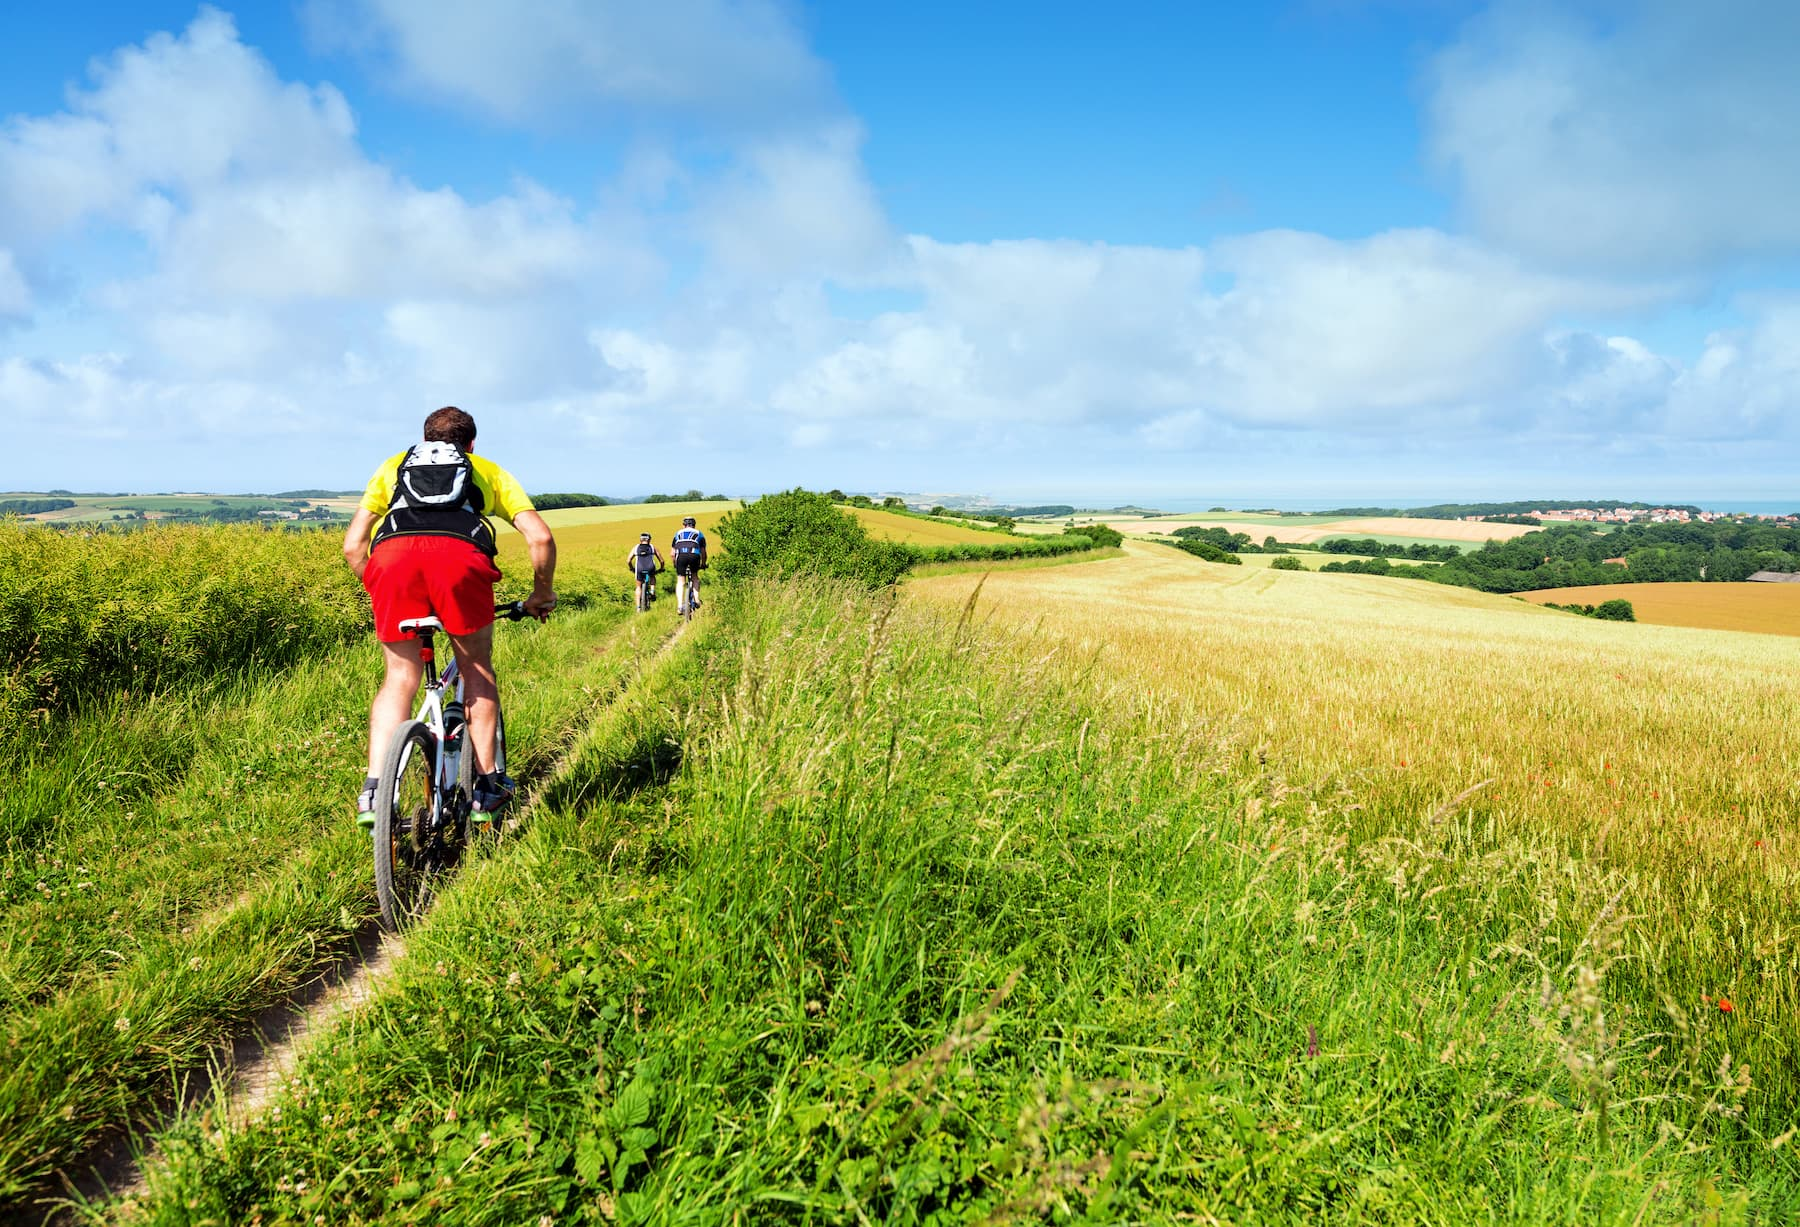 Jak się ubrać na wycieczkę rowerową poza miasto?